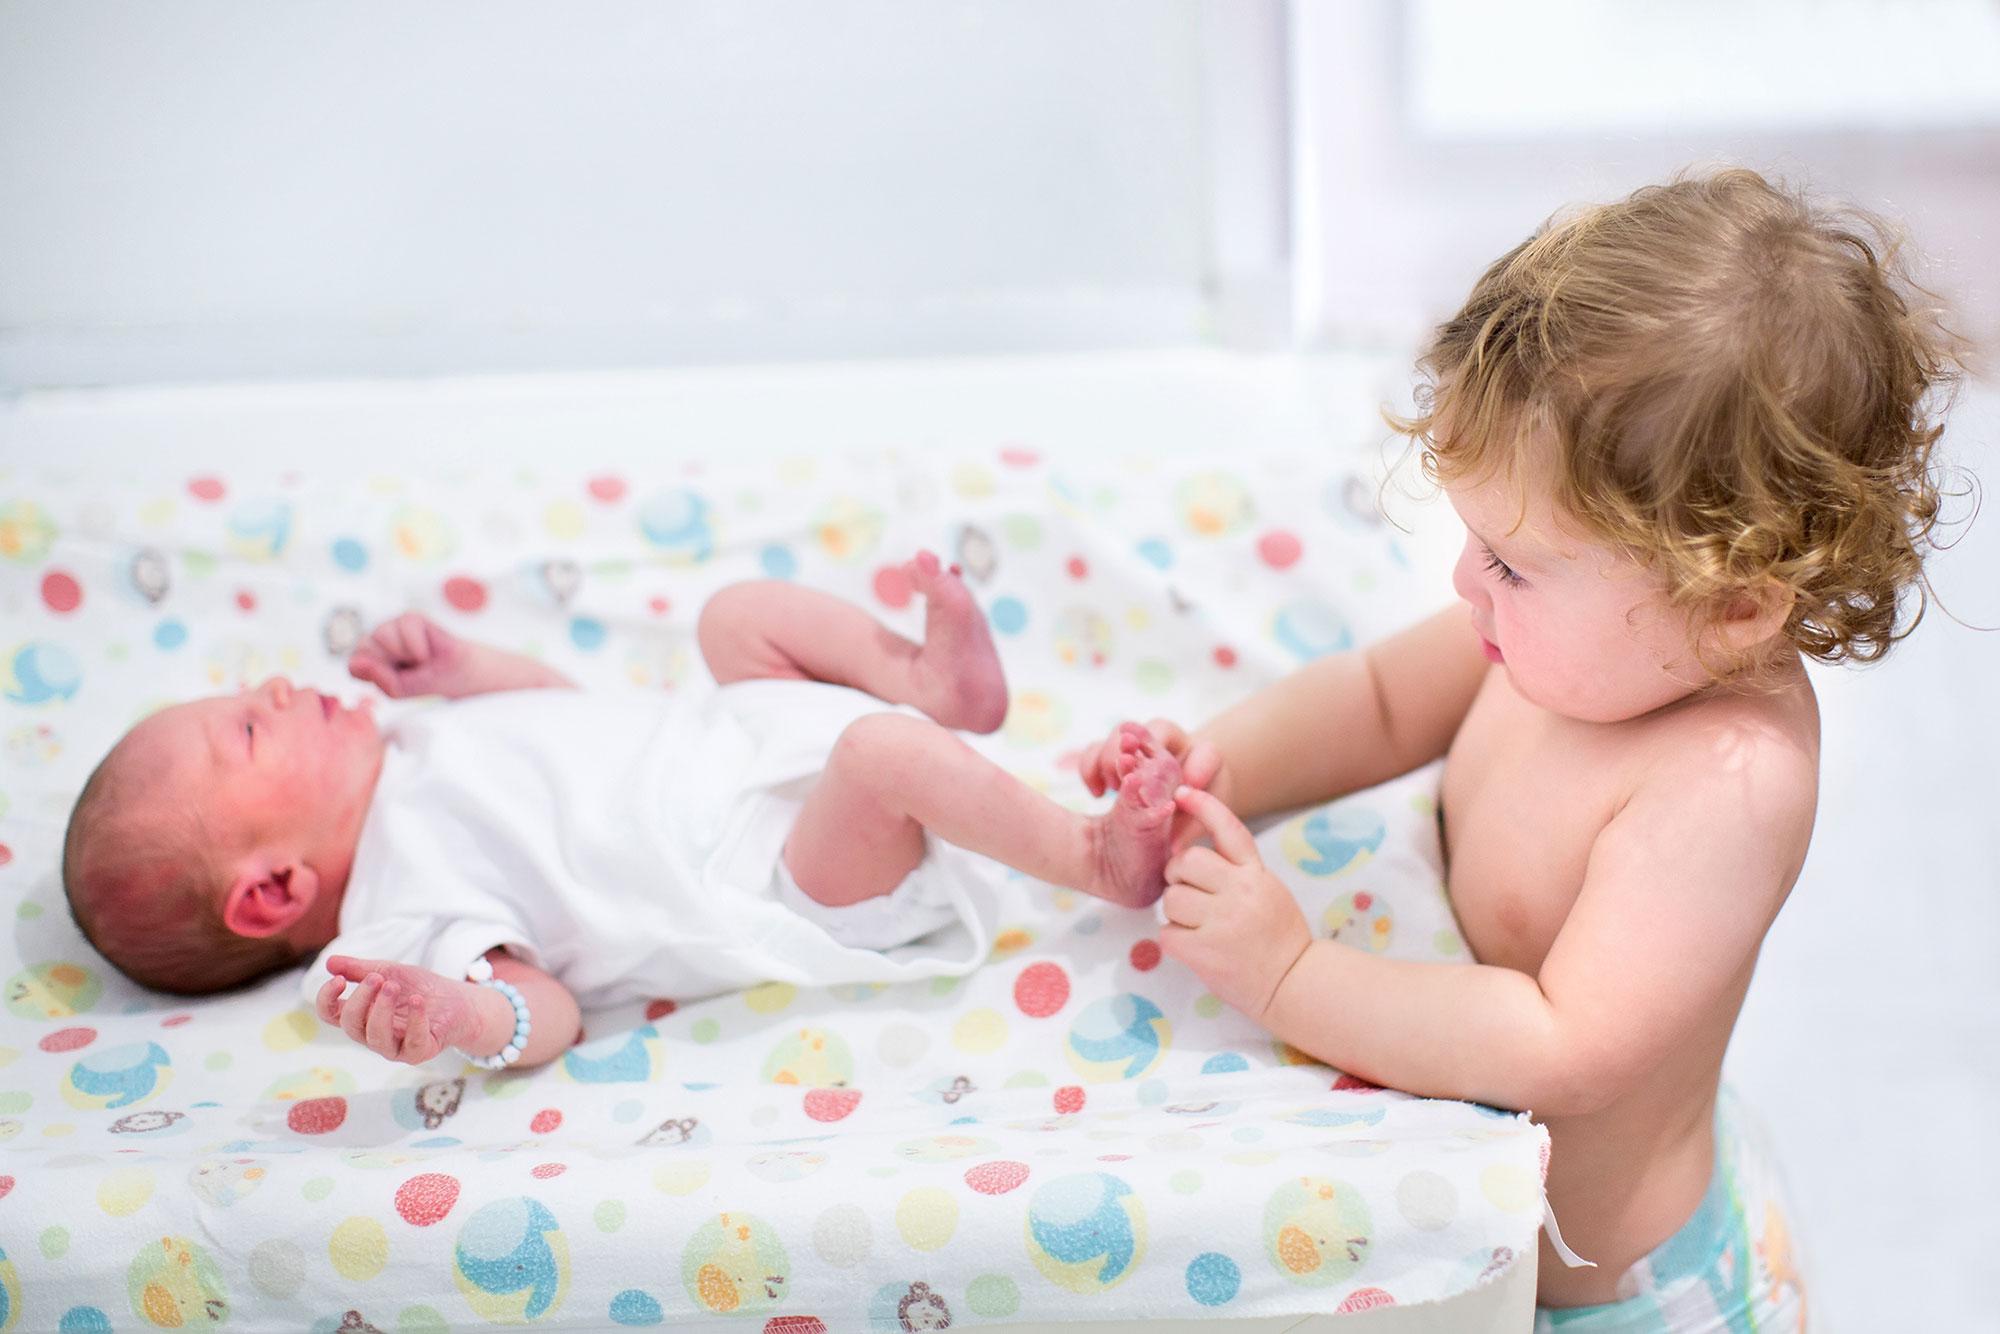 Prevremeno rođeni: Sprečite posledice RSV virusa